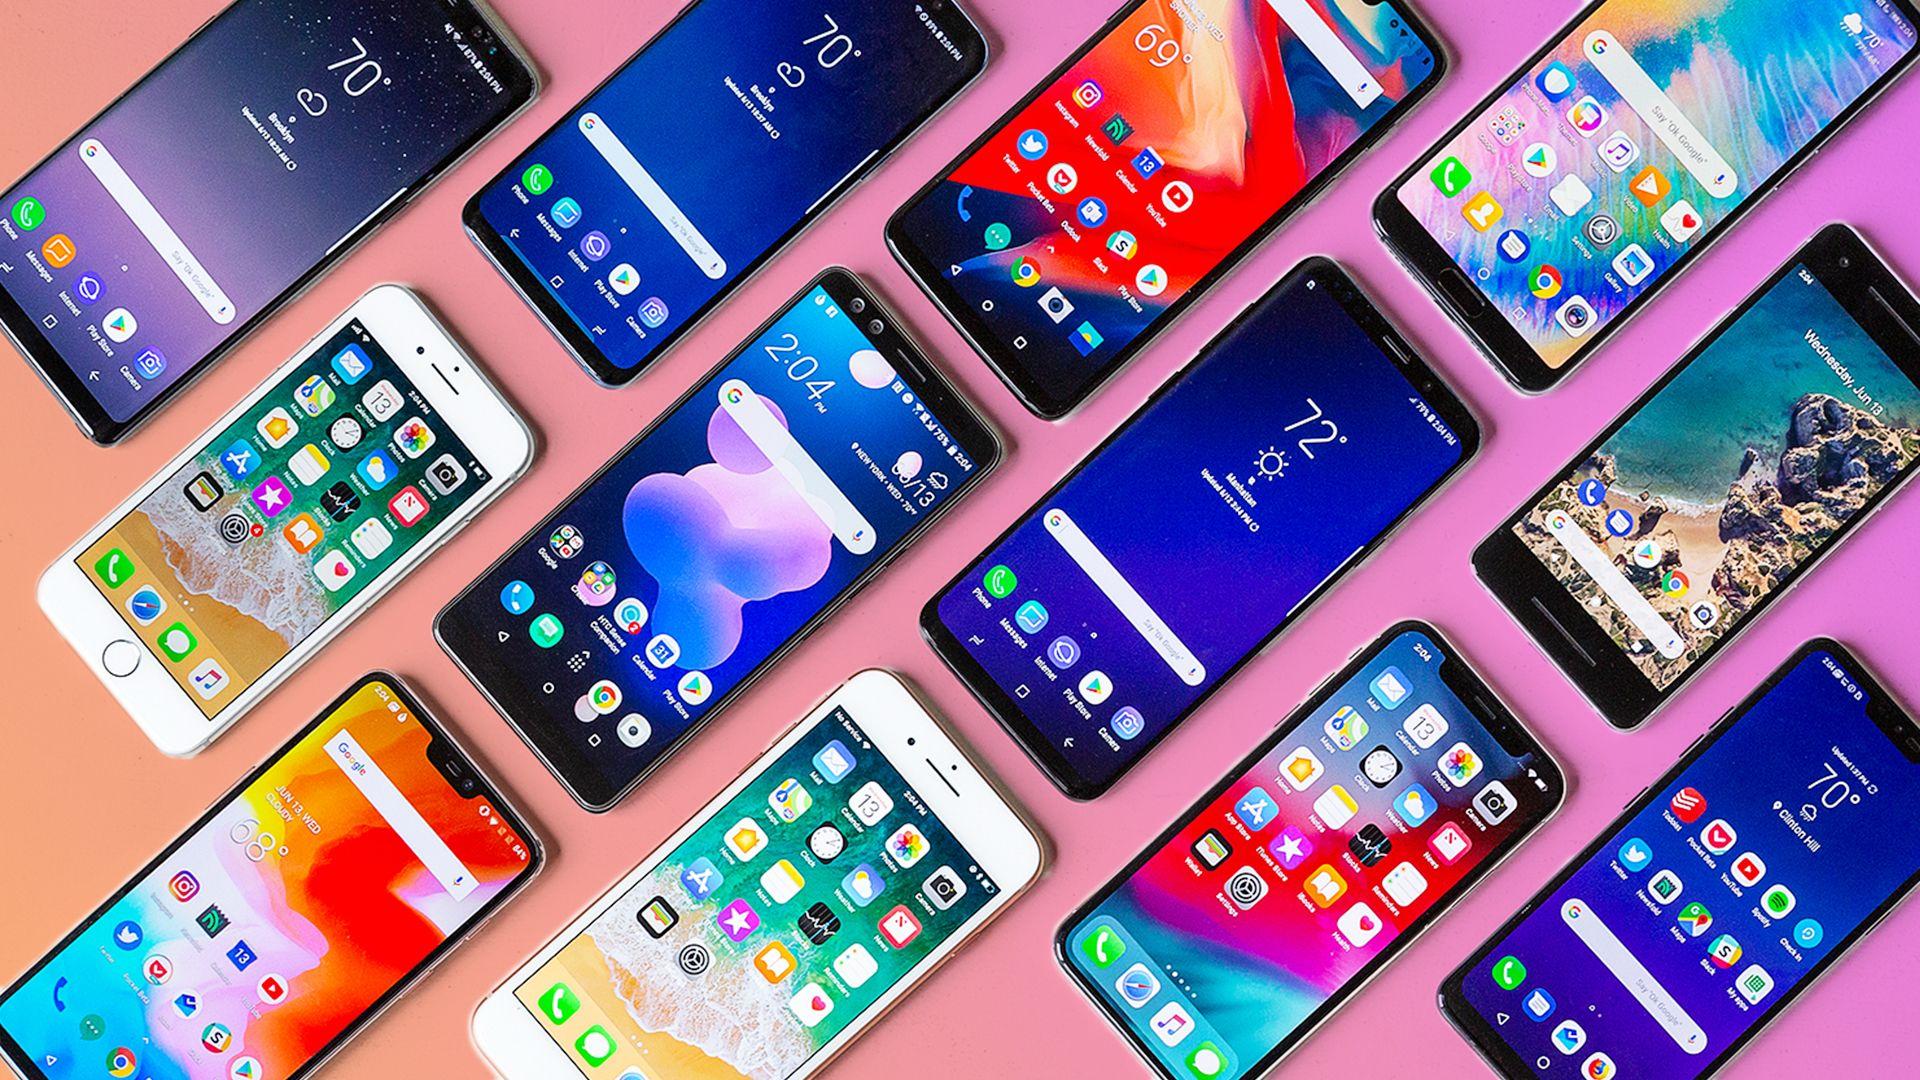 الهواتف الحديثة,اثمنة الهواتف,اسعار الهواتف,اسعار الهواتف الحديثه,افضل هواتف 2020,افضل هواتف,اسعار الهواتف من سلسله موبلات الحديثه 2020,هواتف العاب,افضل هواتف ذكية 2020,افضل هواتف بالعالم 2020,افضل هواتف للالعاب,هواتف سامسونج 2020,هواتف للالعاب,افضل هواتف 2021,اسعار الهواتف في العراق,اغلى الهواتف 2019,اسعار الهواتف في العراق 2019,اسعار الهواتف في العراق 2020,اسعار الهواتف في العراق 2018,اسعار الهواتف في العراق اليوم,اسعار الهواتف من سلسله موبلات,افضل هواتف بالعالم 2021